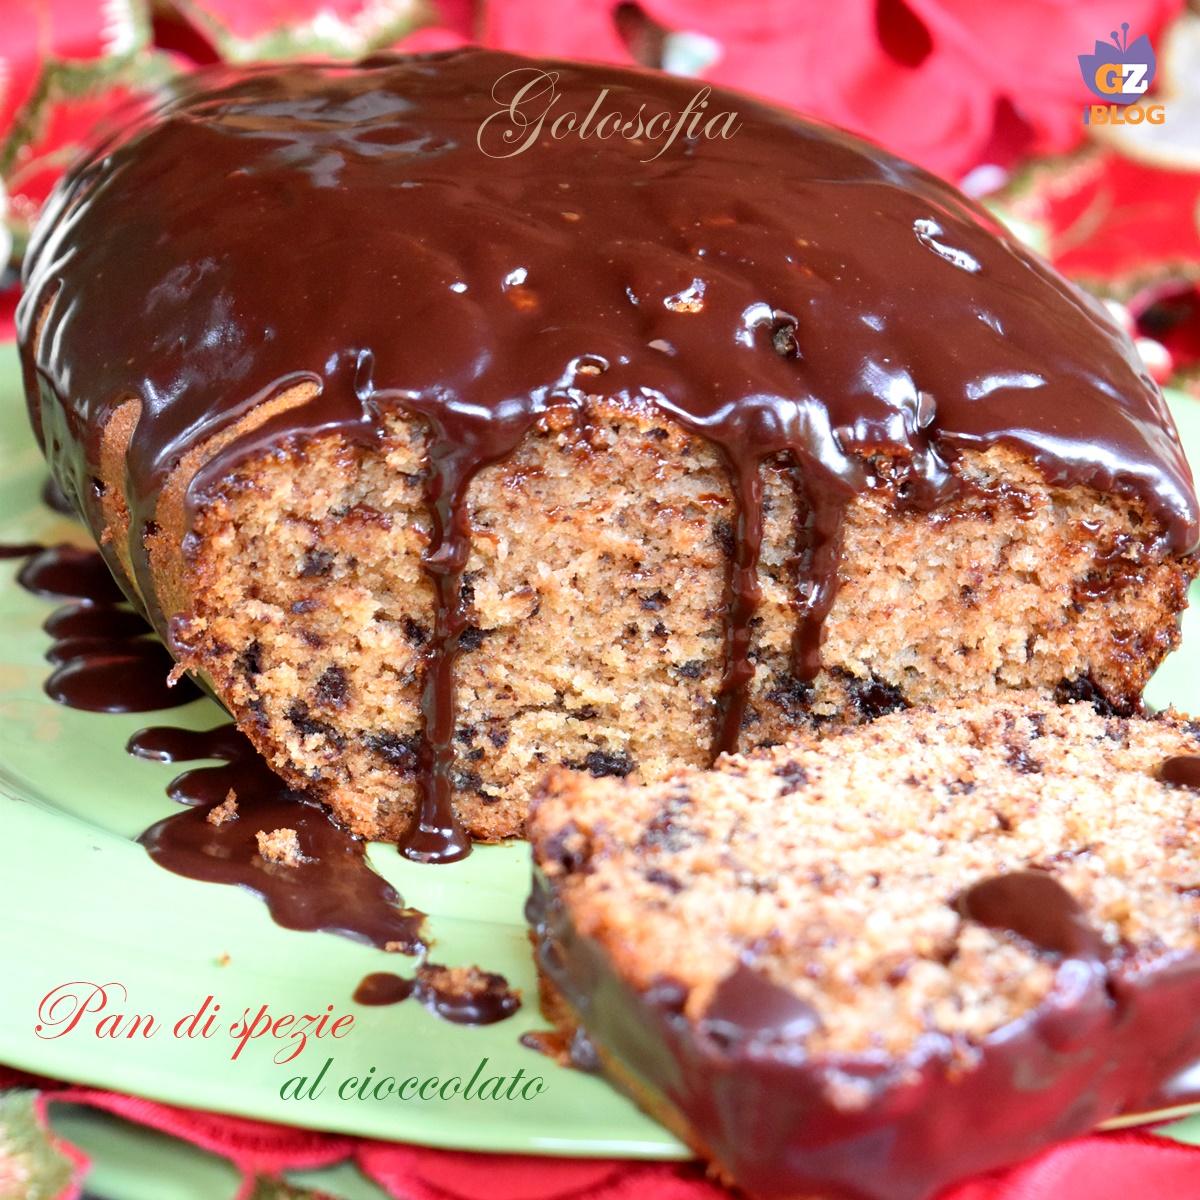 Pan di spezie al cioccolato-ricetta dolci-golosofia